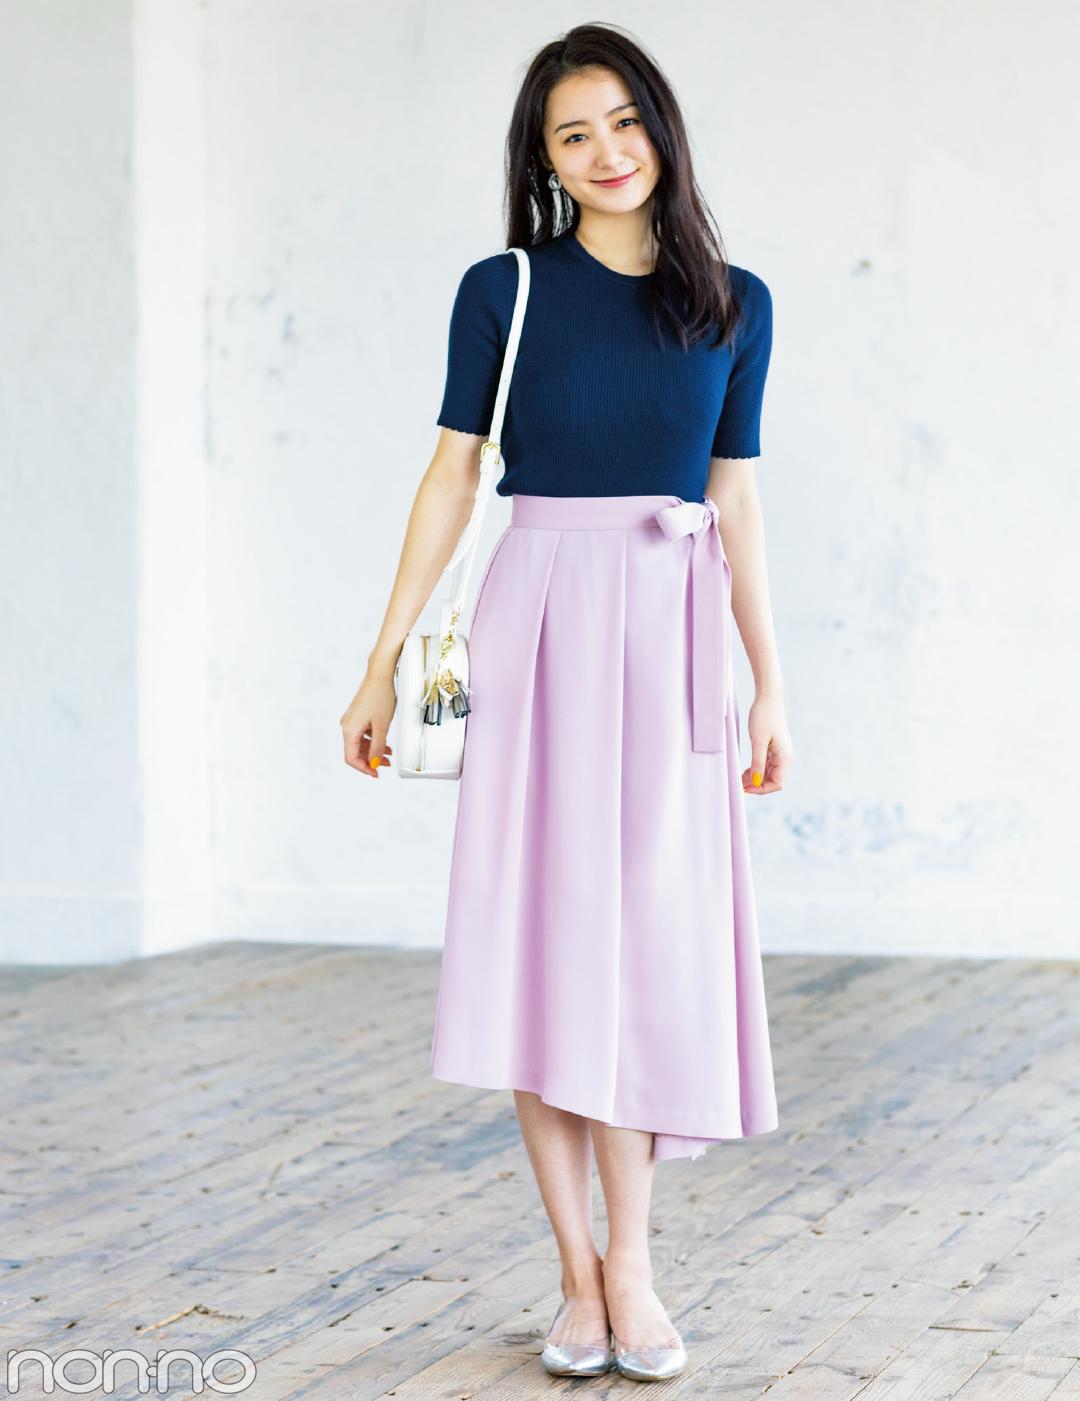 【夏のロングスカートコーデ】高田里穂は、キレイめアシンメトリースカートでふくらはぎカバー!